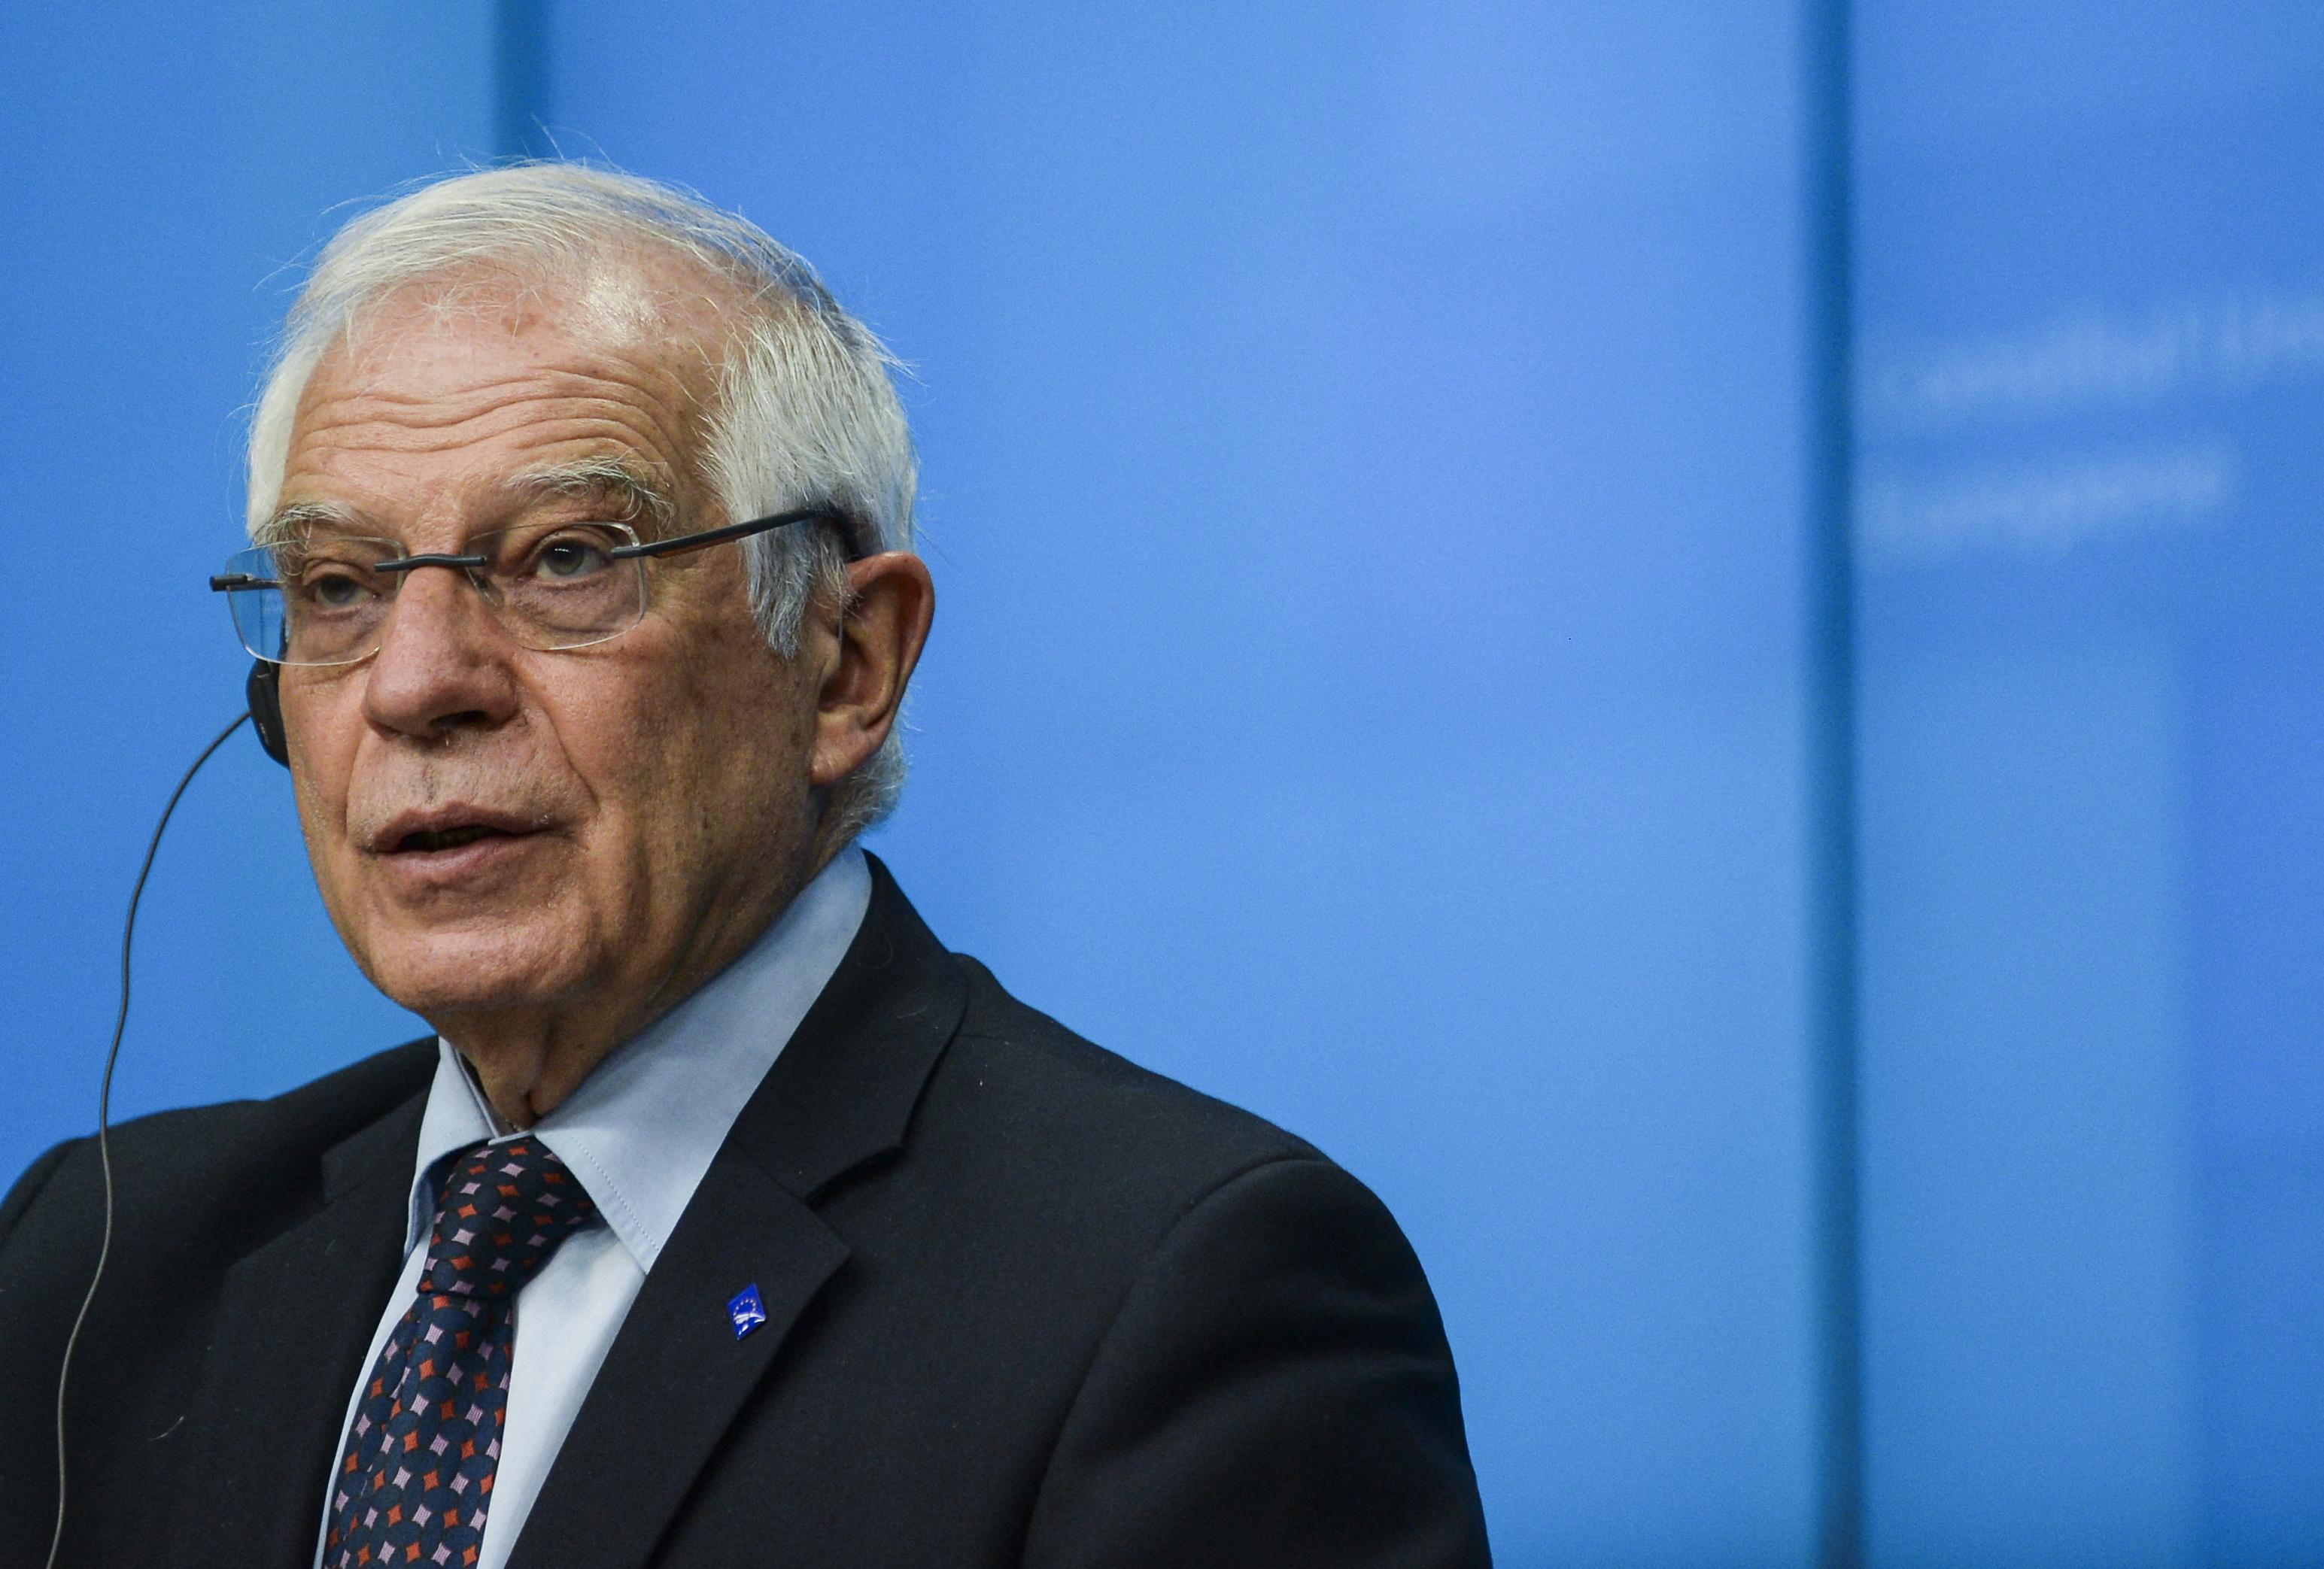 Josep Borrell szankciókkal fenyegette meg a libanoni vezetőket, hogy alakítsanak végre kormányt